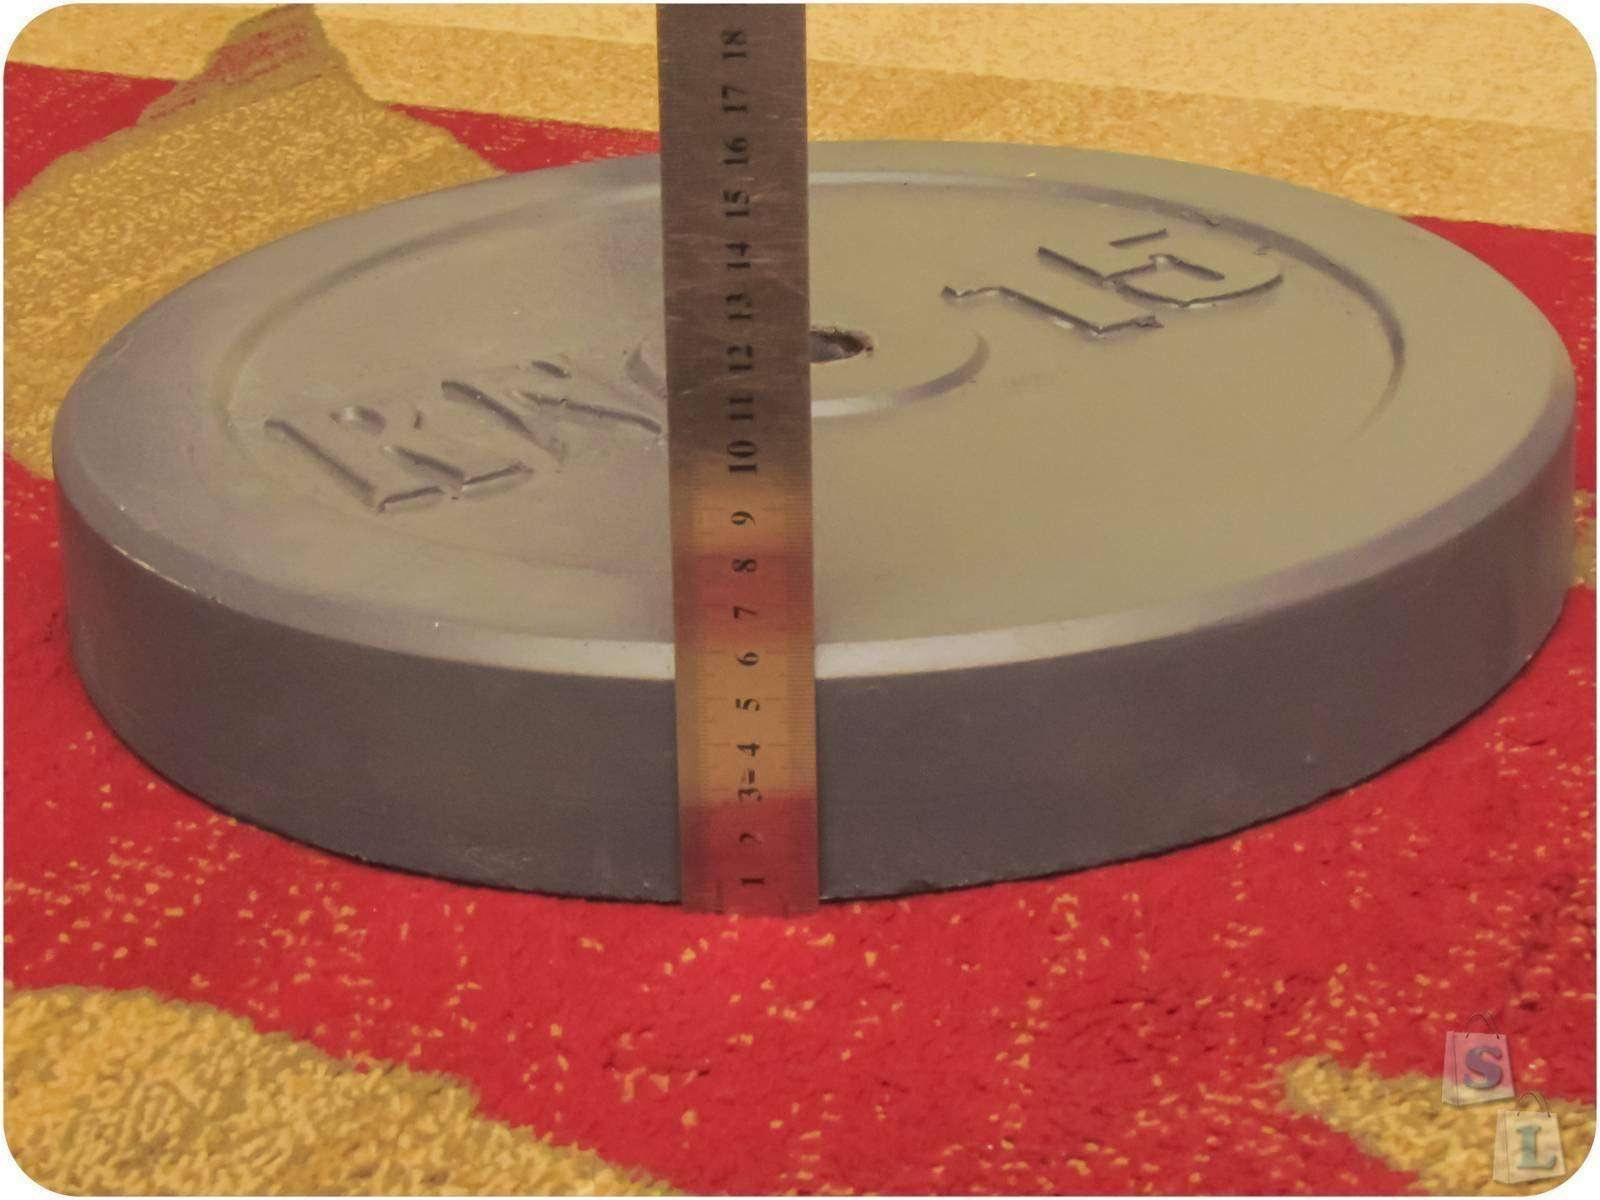 Другие - Украина: Гранилитовые блины для штанги, 2 х 15 кг